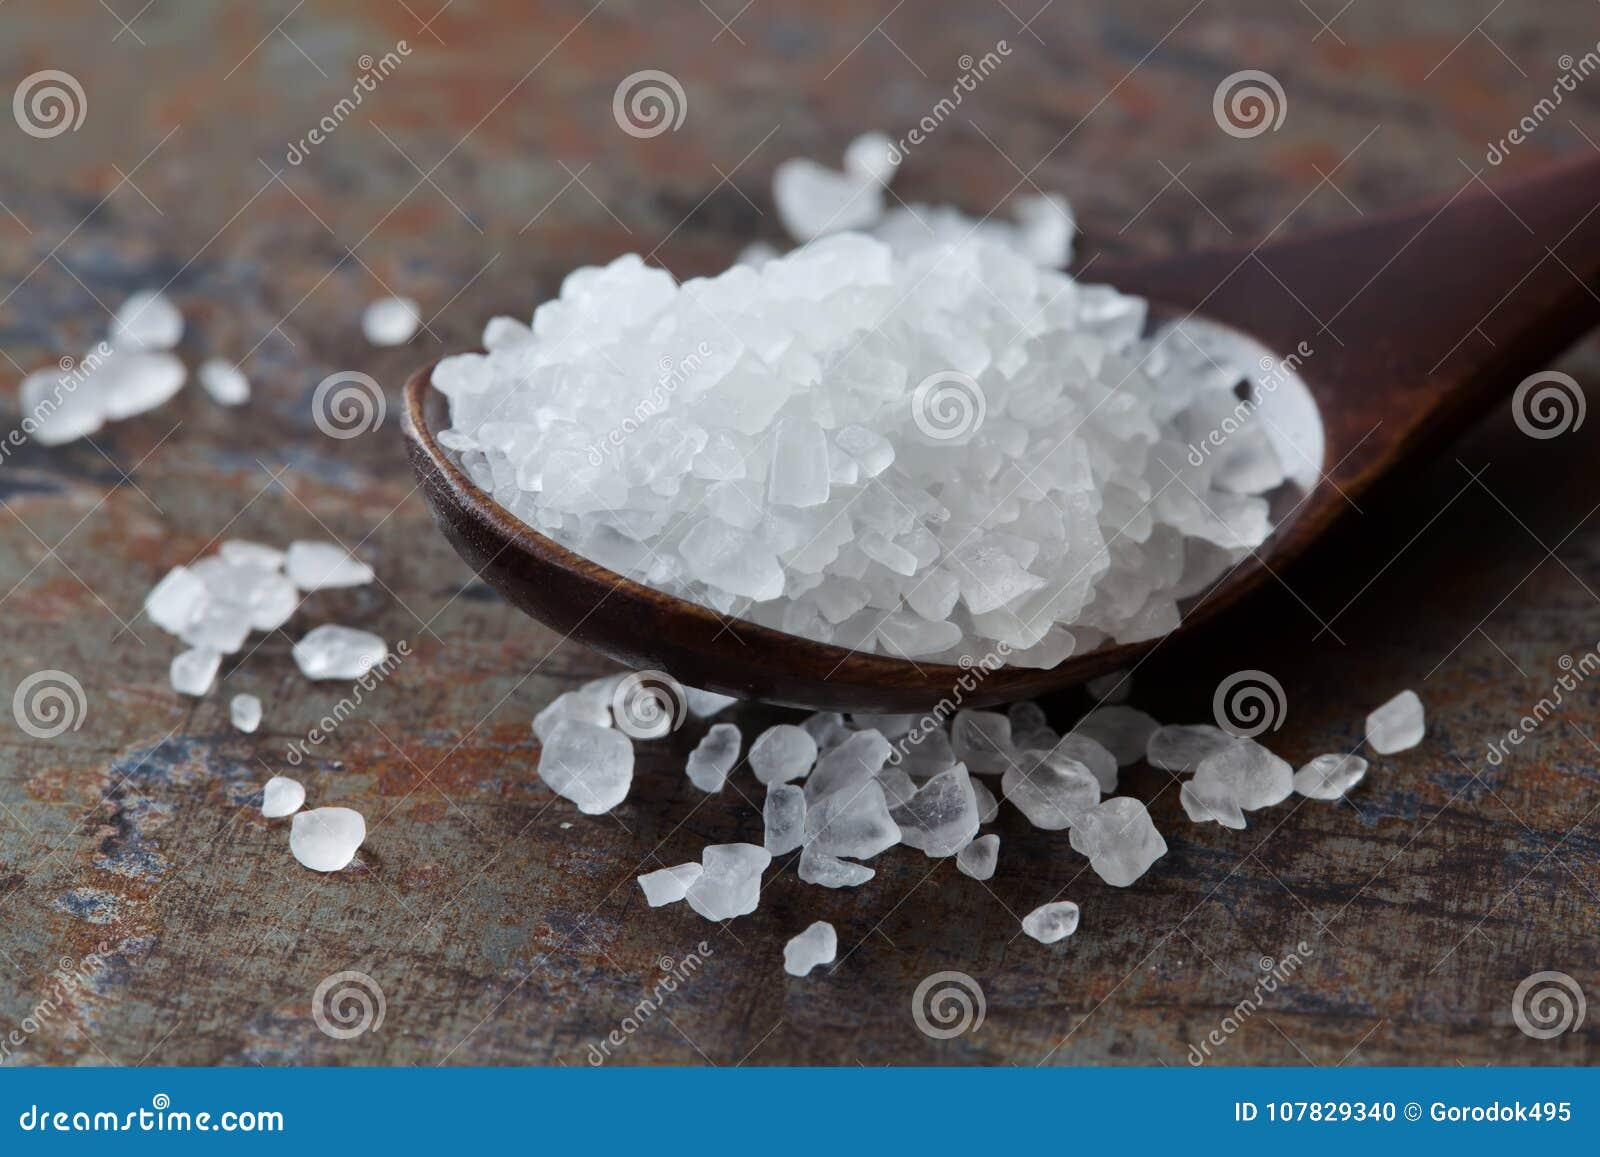 Μακρο άποψη καρυκευμάτων θάλασσας αλατισμένη Φυσικό ορυκτό αρωματικών ουσιών άσπρο κρύσταλλο χλωριούχου νατρίου τροφίμων συντηρητ